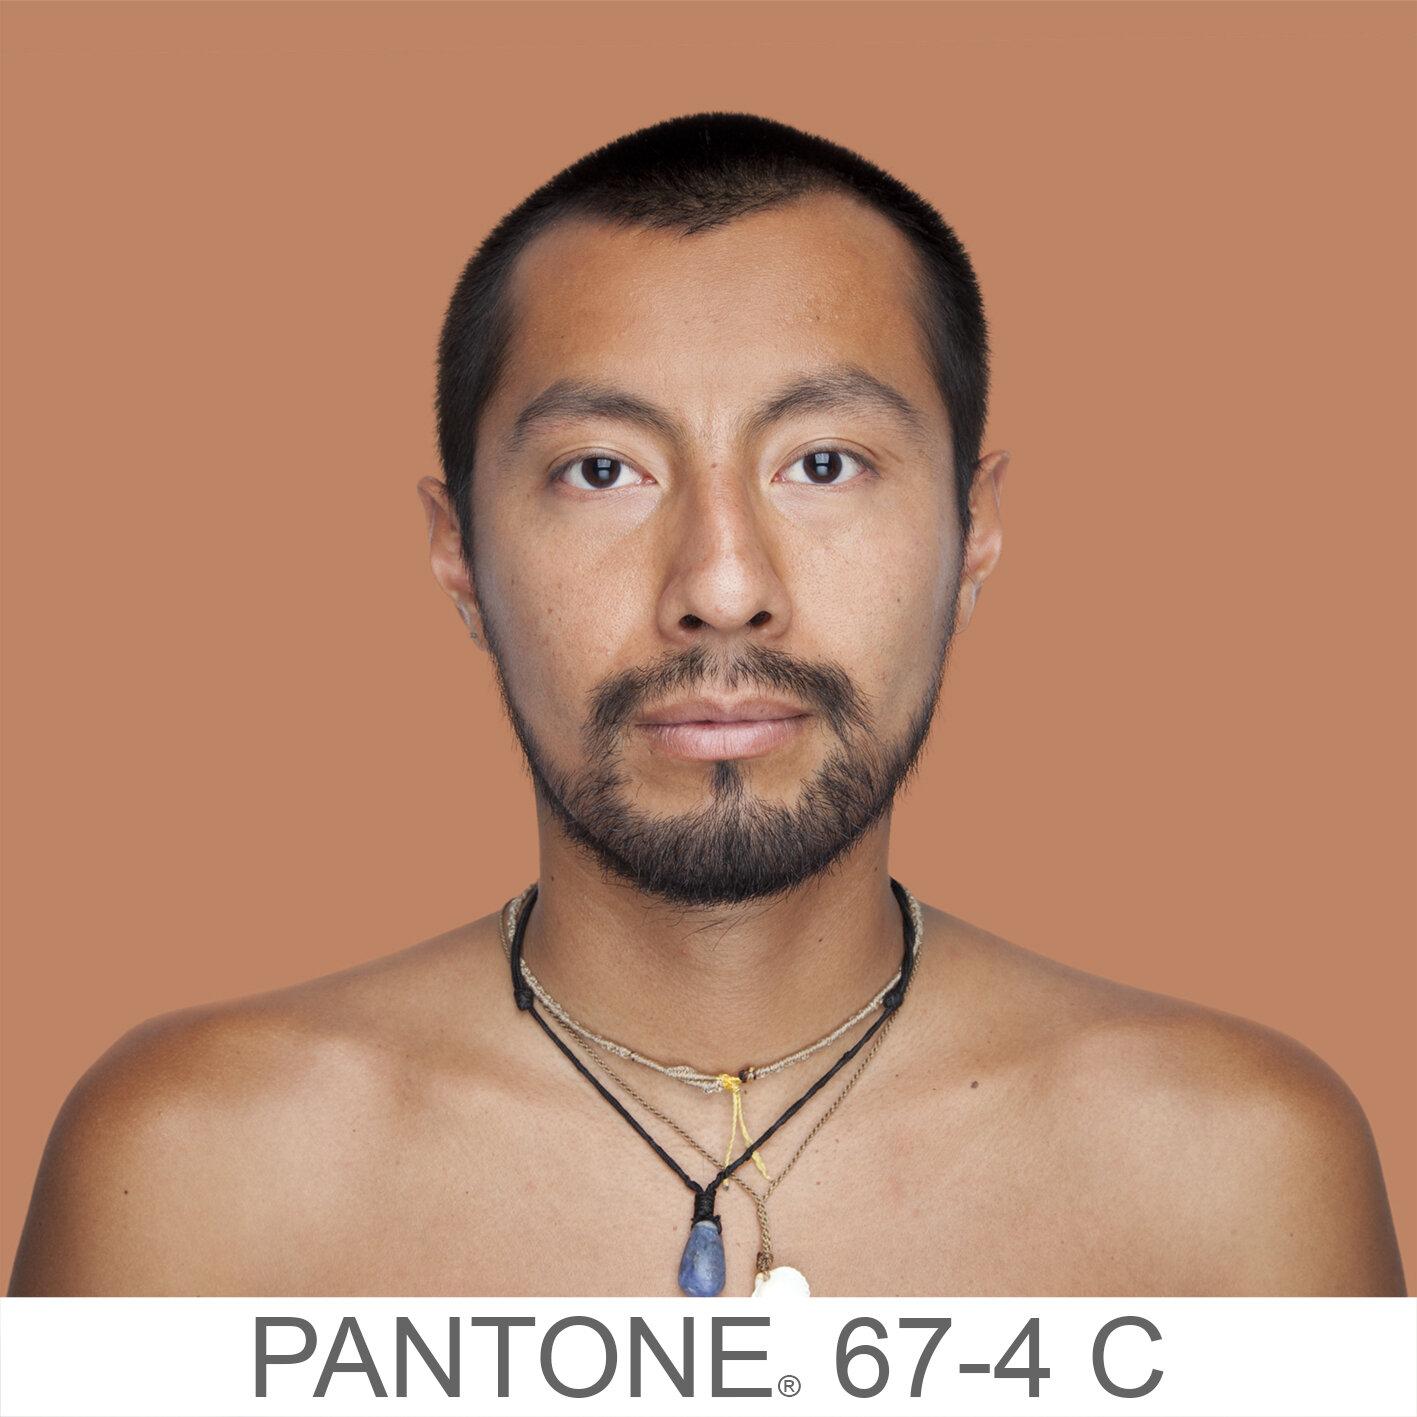 humanae 67-4 C (2) copia.jpg